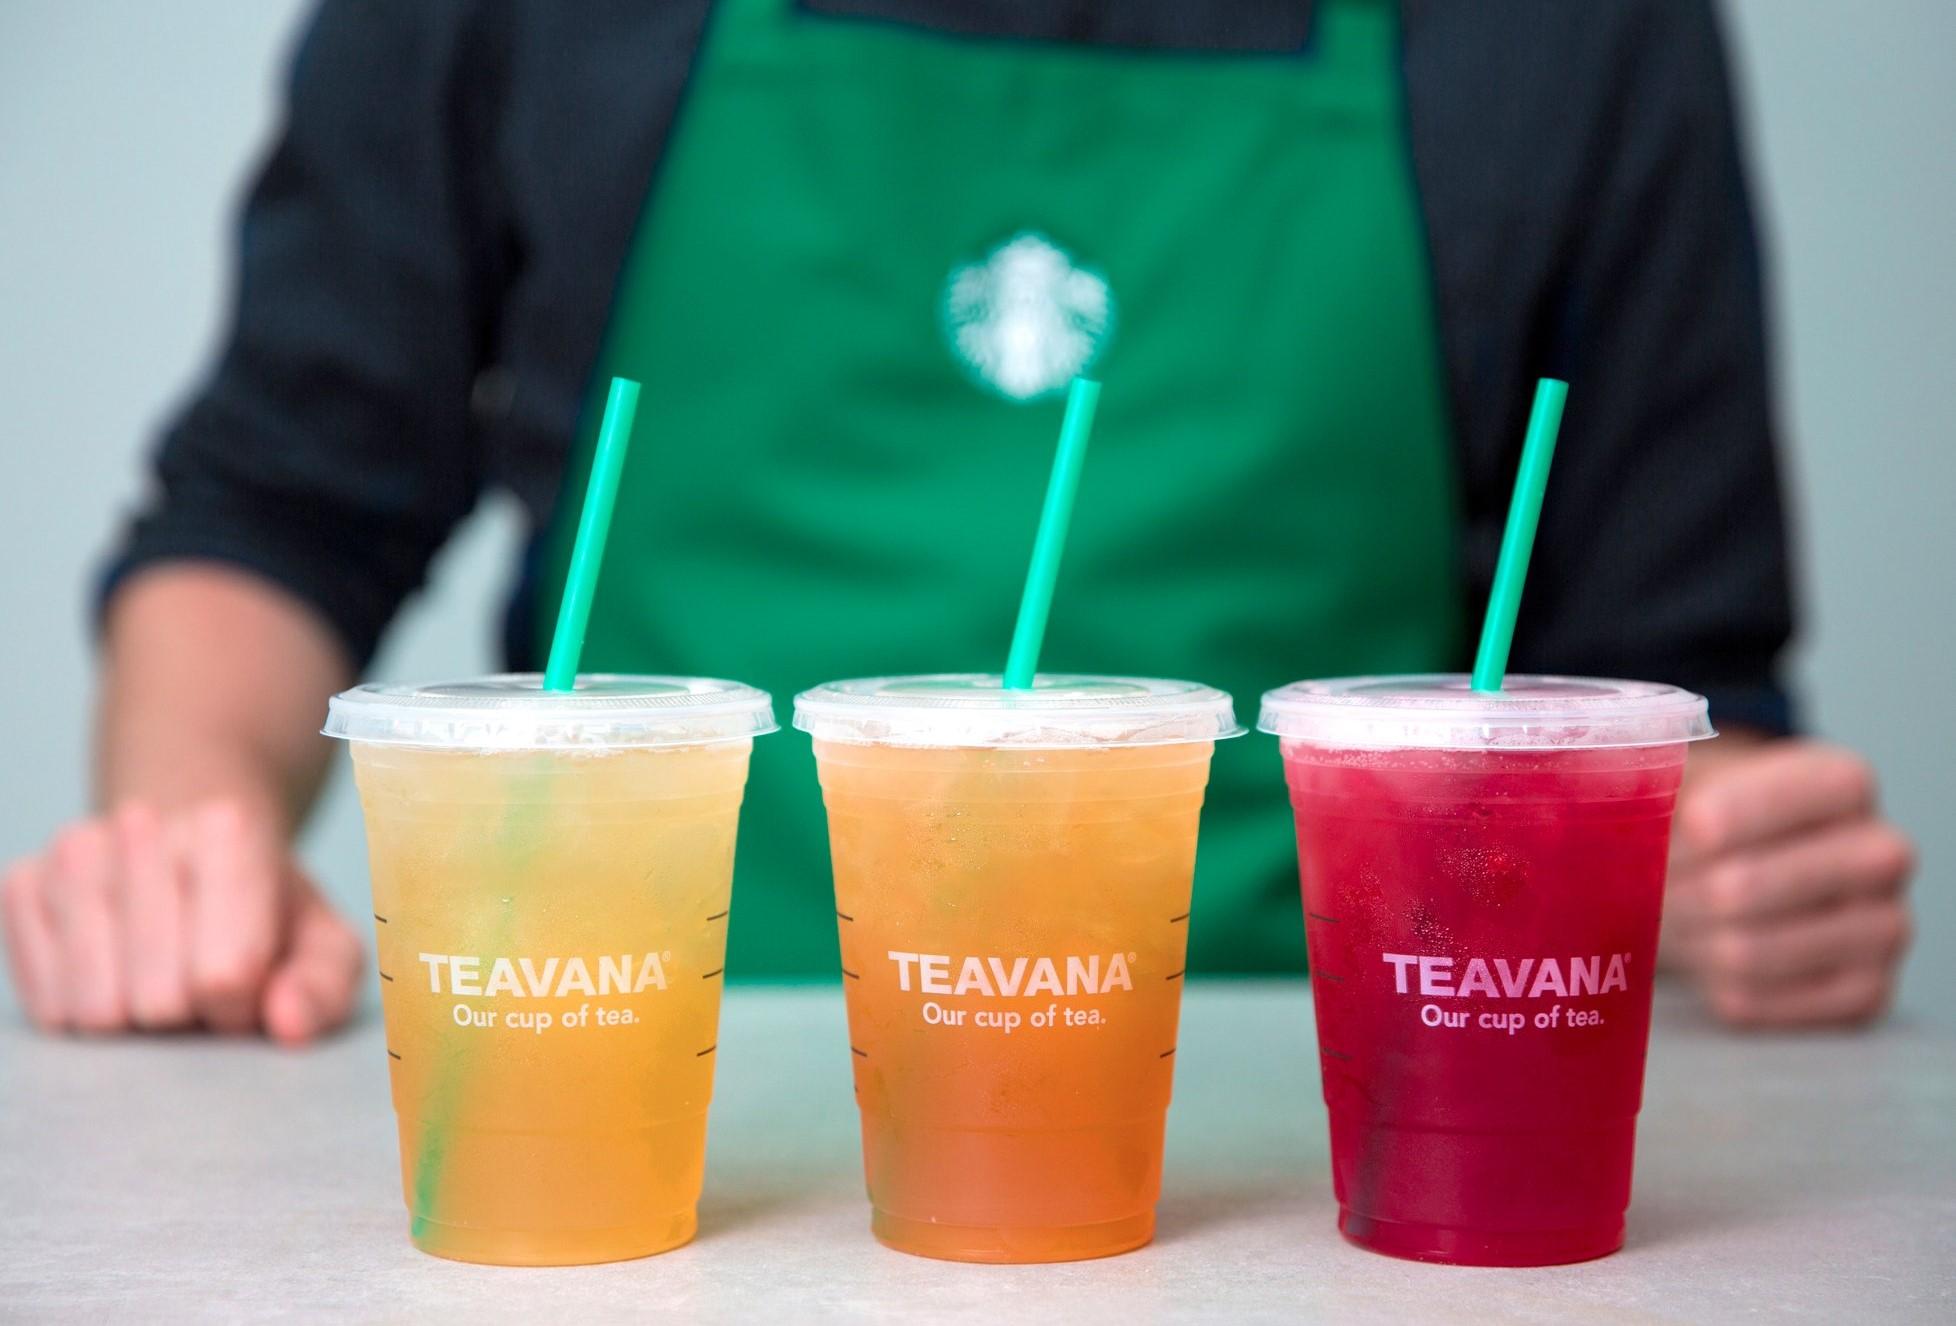 受实体零售低迷冲击,星巴克将于明年关闭旗下所有 379家Teavana 茶饮店